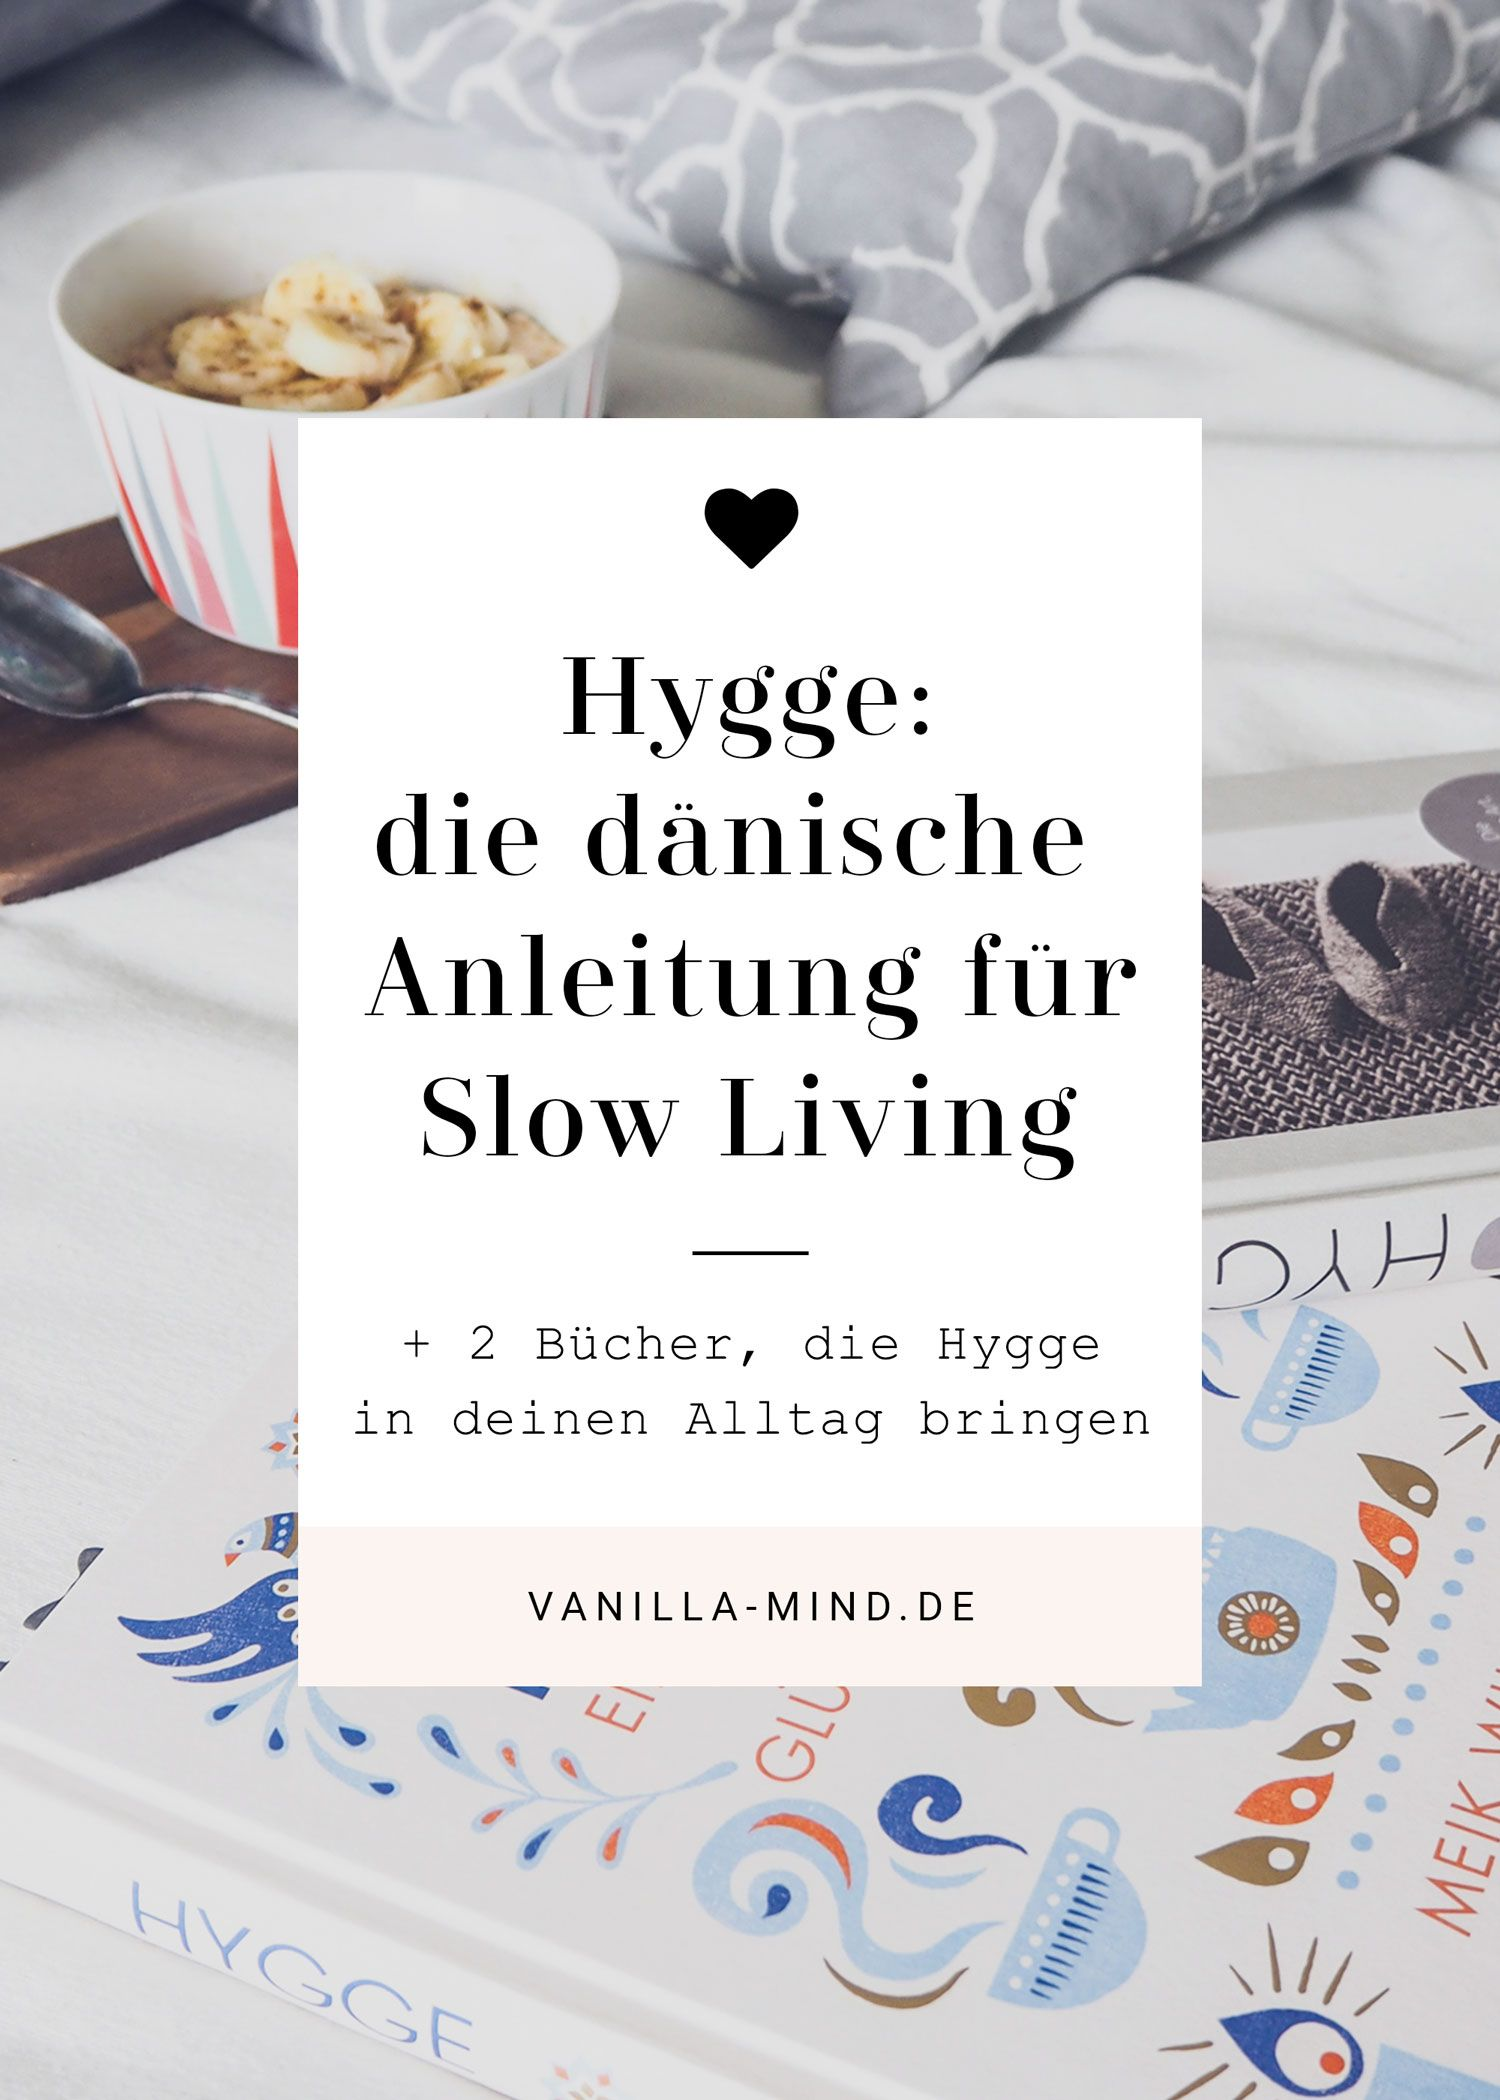 hygge f r alle warum das d nische lebensgef hl mehr ist als ein trend artikel auf vanilla. Black Bedroom Furniture Sets. Home Design Ideas